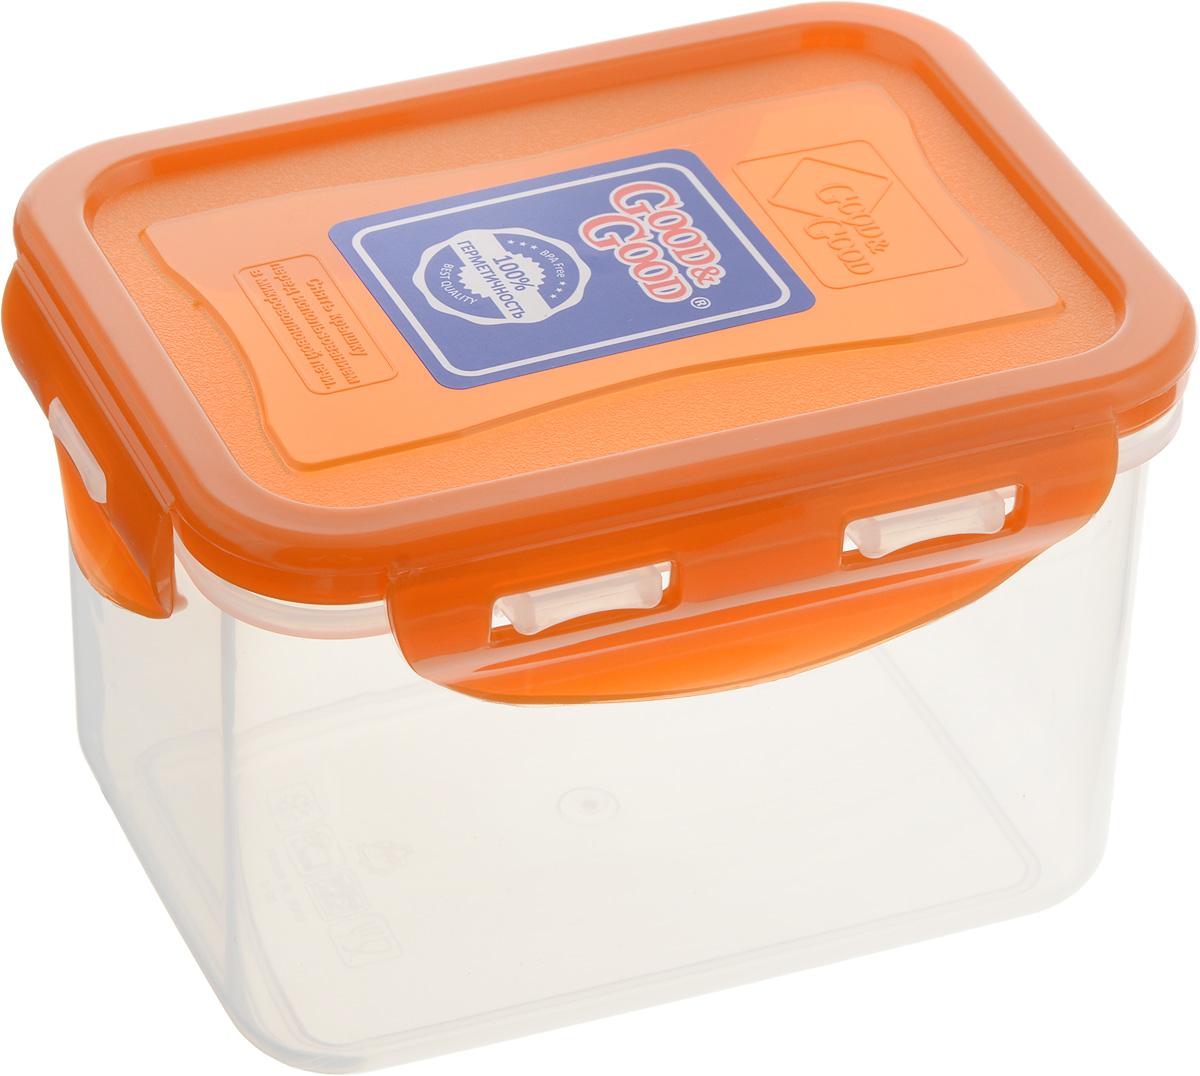 Контейнер пищевой Good&Good, цвет: прозрачный, оранжевый, 630 мл02-2/LIDCOL_прозрачный, оранжевыйПрямоугольный контейнер Good&Good изготовлен из высококачественного полипропилена и предназначен для хранения любых пищевых продуктов. Благодаря особым технологиям изготовления, лотки в течение времени службы не меняют цвет и не пропитываются запахами. Крышка с силиконовой вставкой герметично защелкивается специальным механизмом. Контейнер Good&Good удобен для ежедневного использования в быту. Можно мыть в посудомоечной машине и использовать в микроволновой печи. Размер контейнера (с учетом крышки): 13 х 10 х 8,5 см.